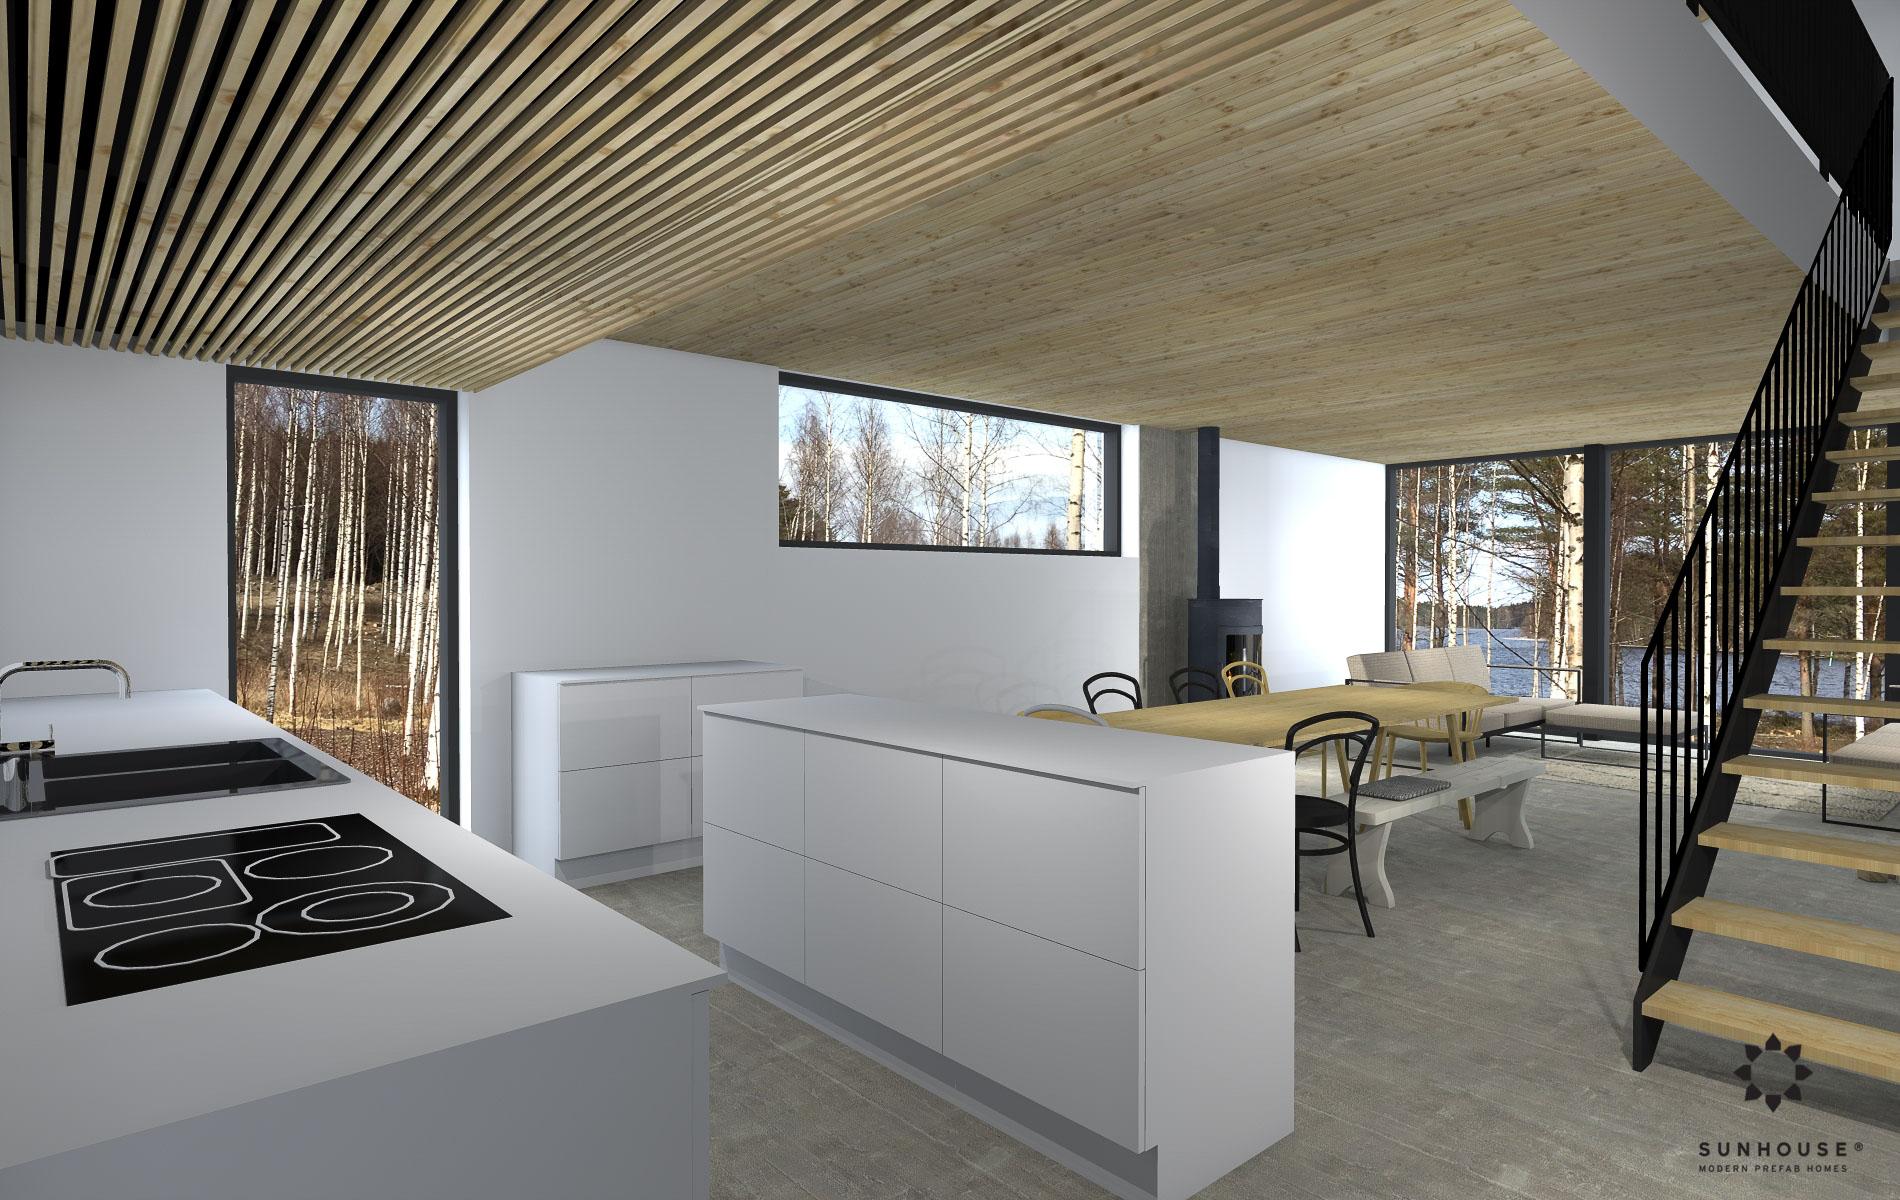 LVI-suunnittelu-Sunhouse-arkkitehdin-suunnittelema-koti